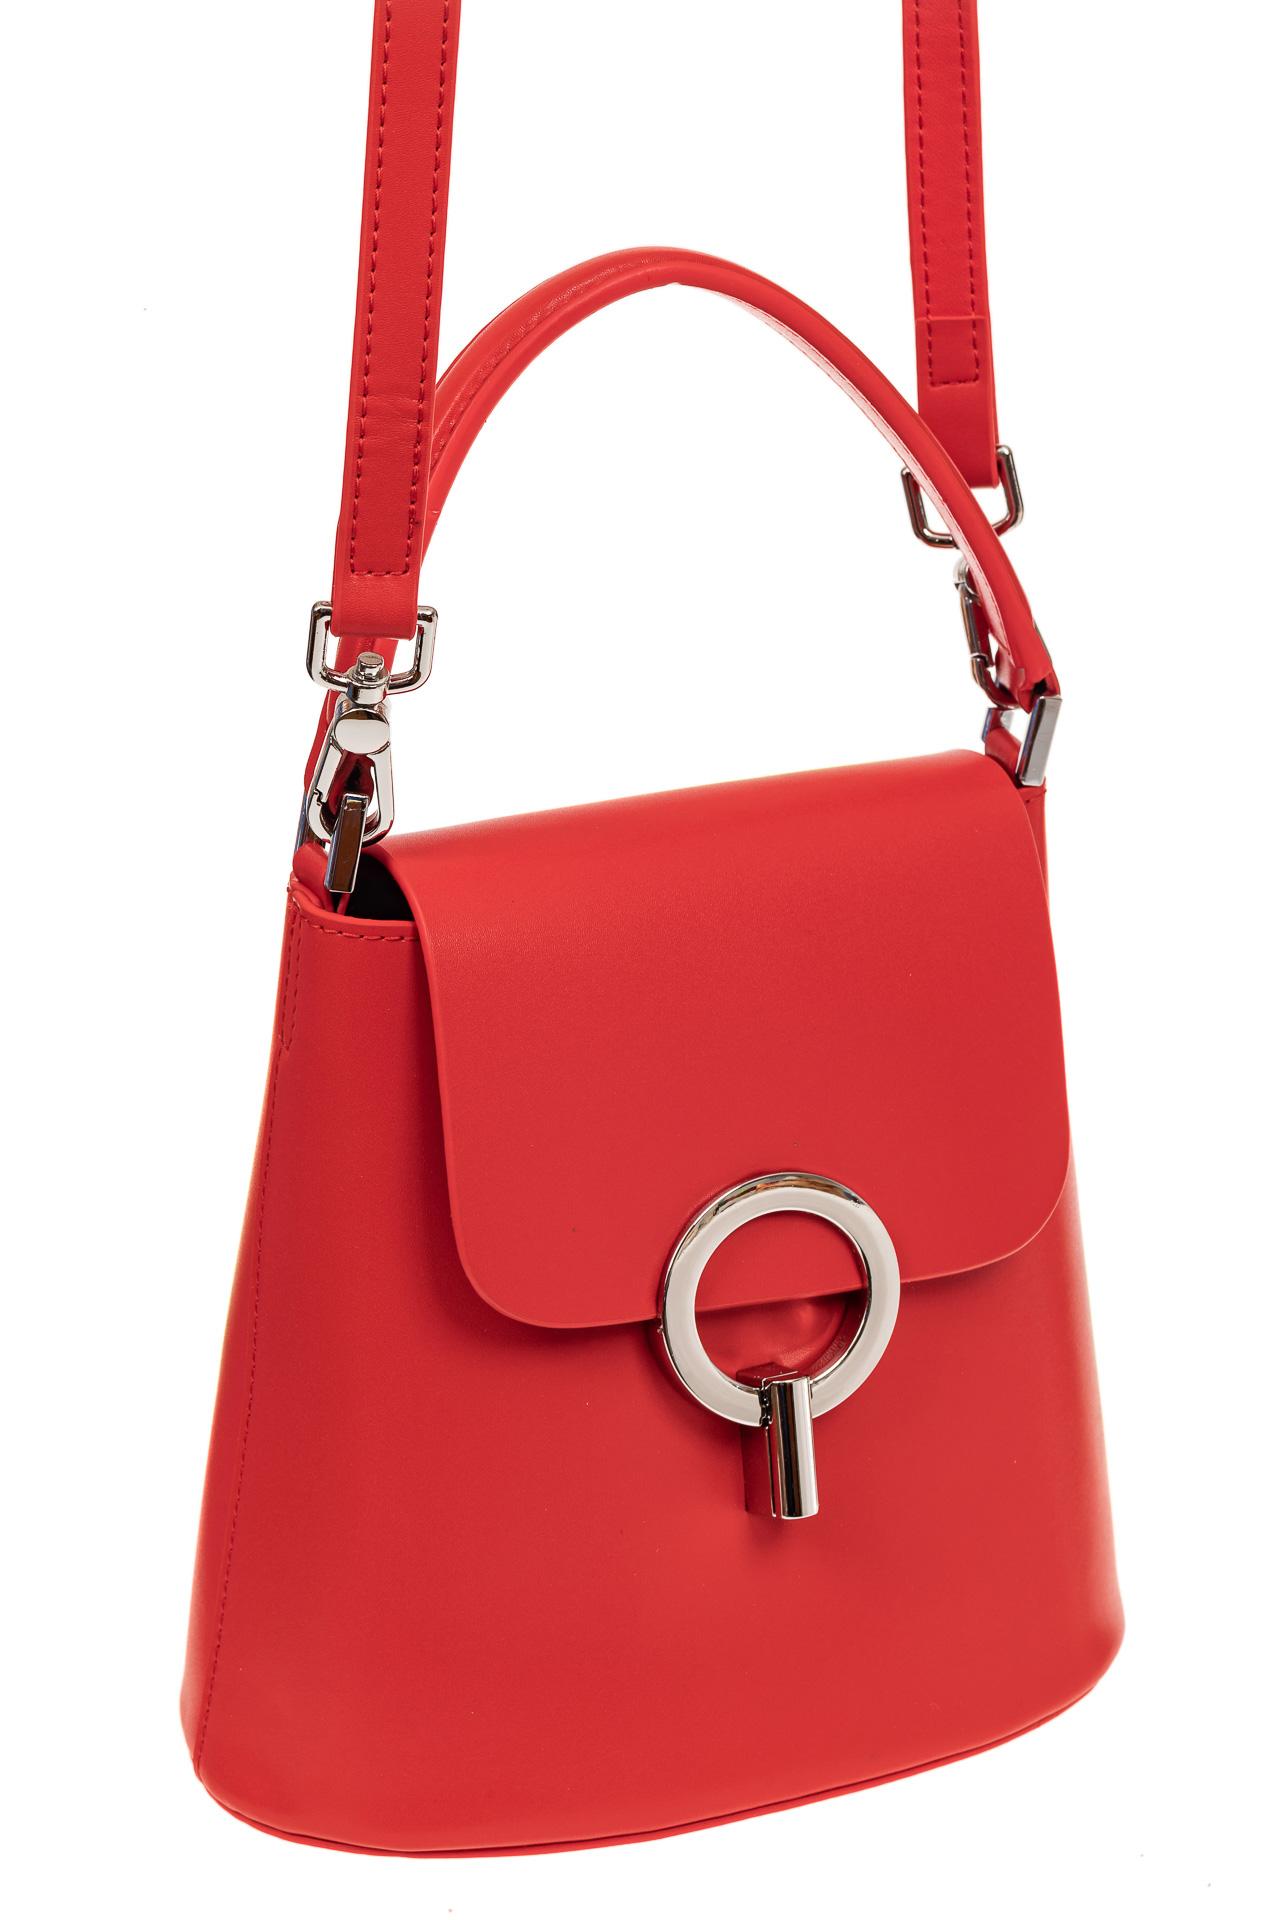 Сумка bucket-bag из натуральной кожи с пряжкой-кольцом, цвет красный